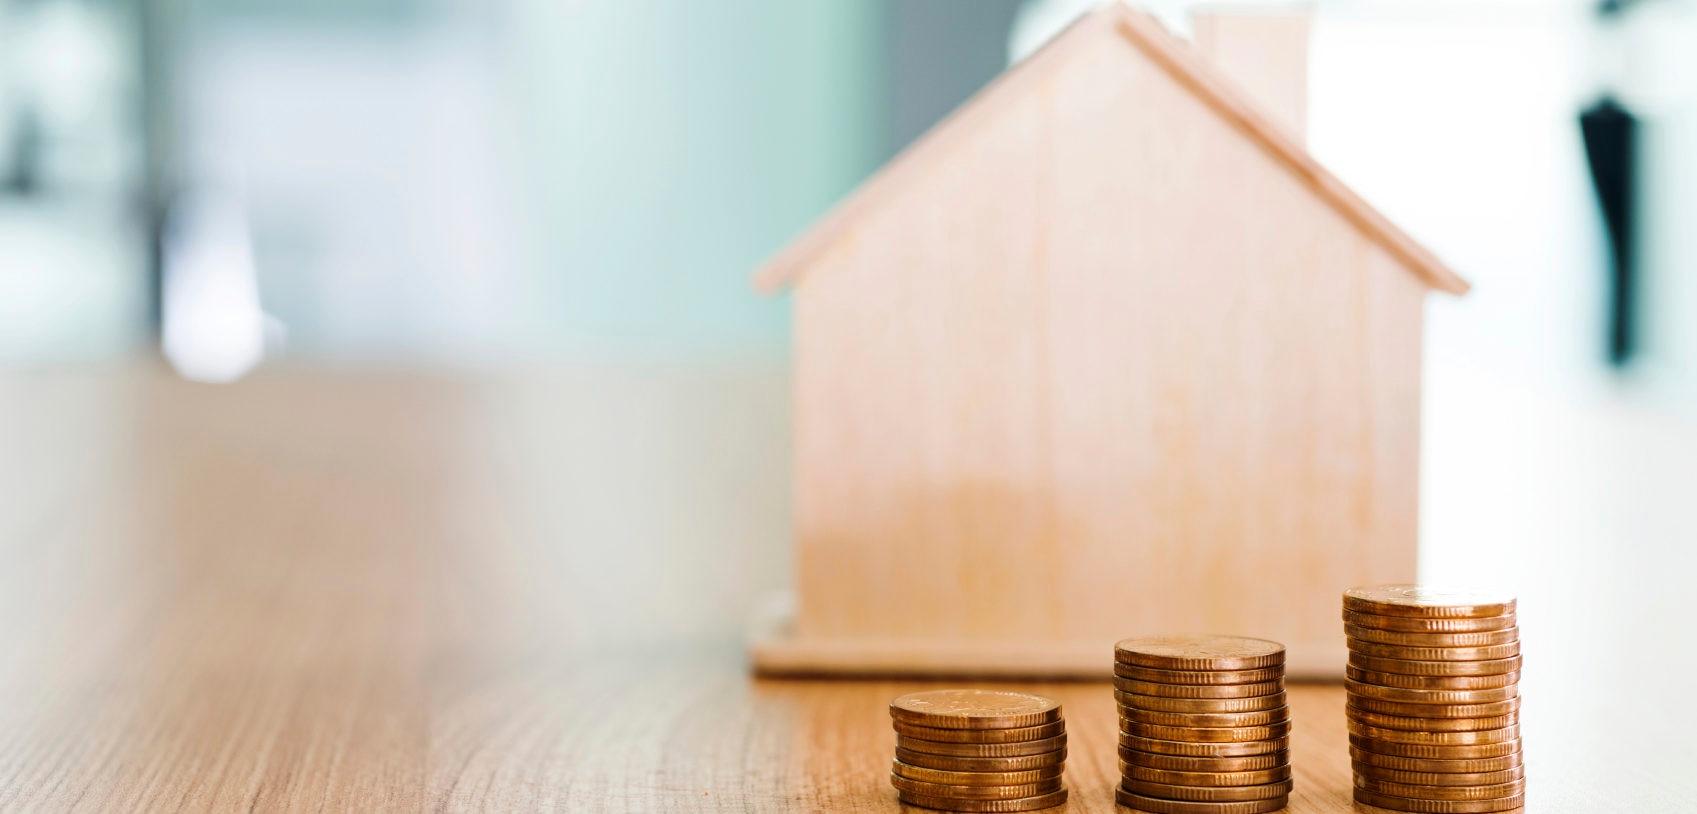 CLAUSULA SUELO VIVIENDA Dinero monedas recurso bbva